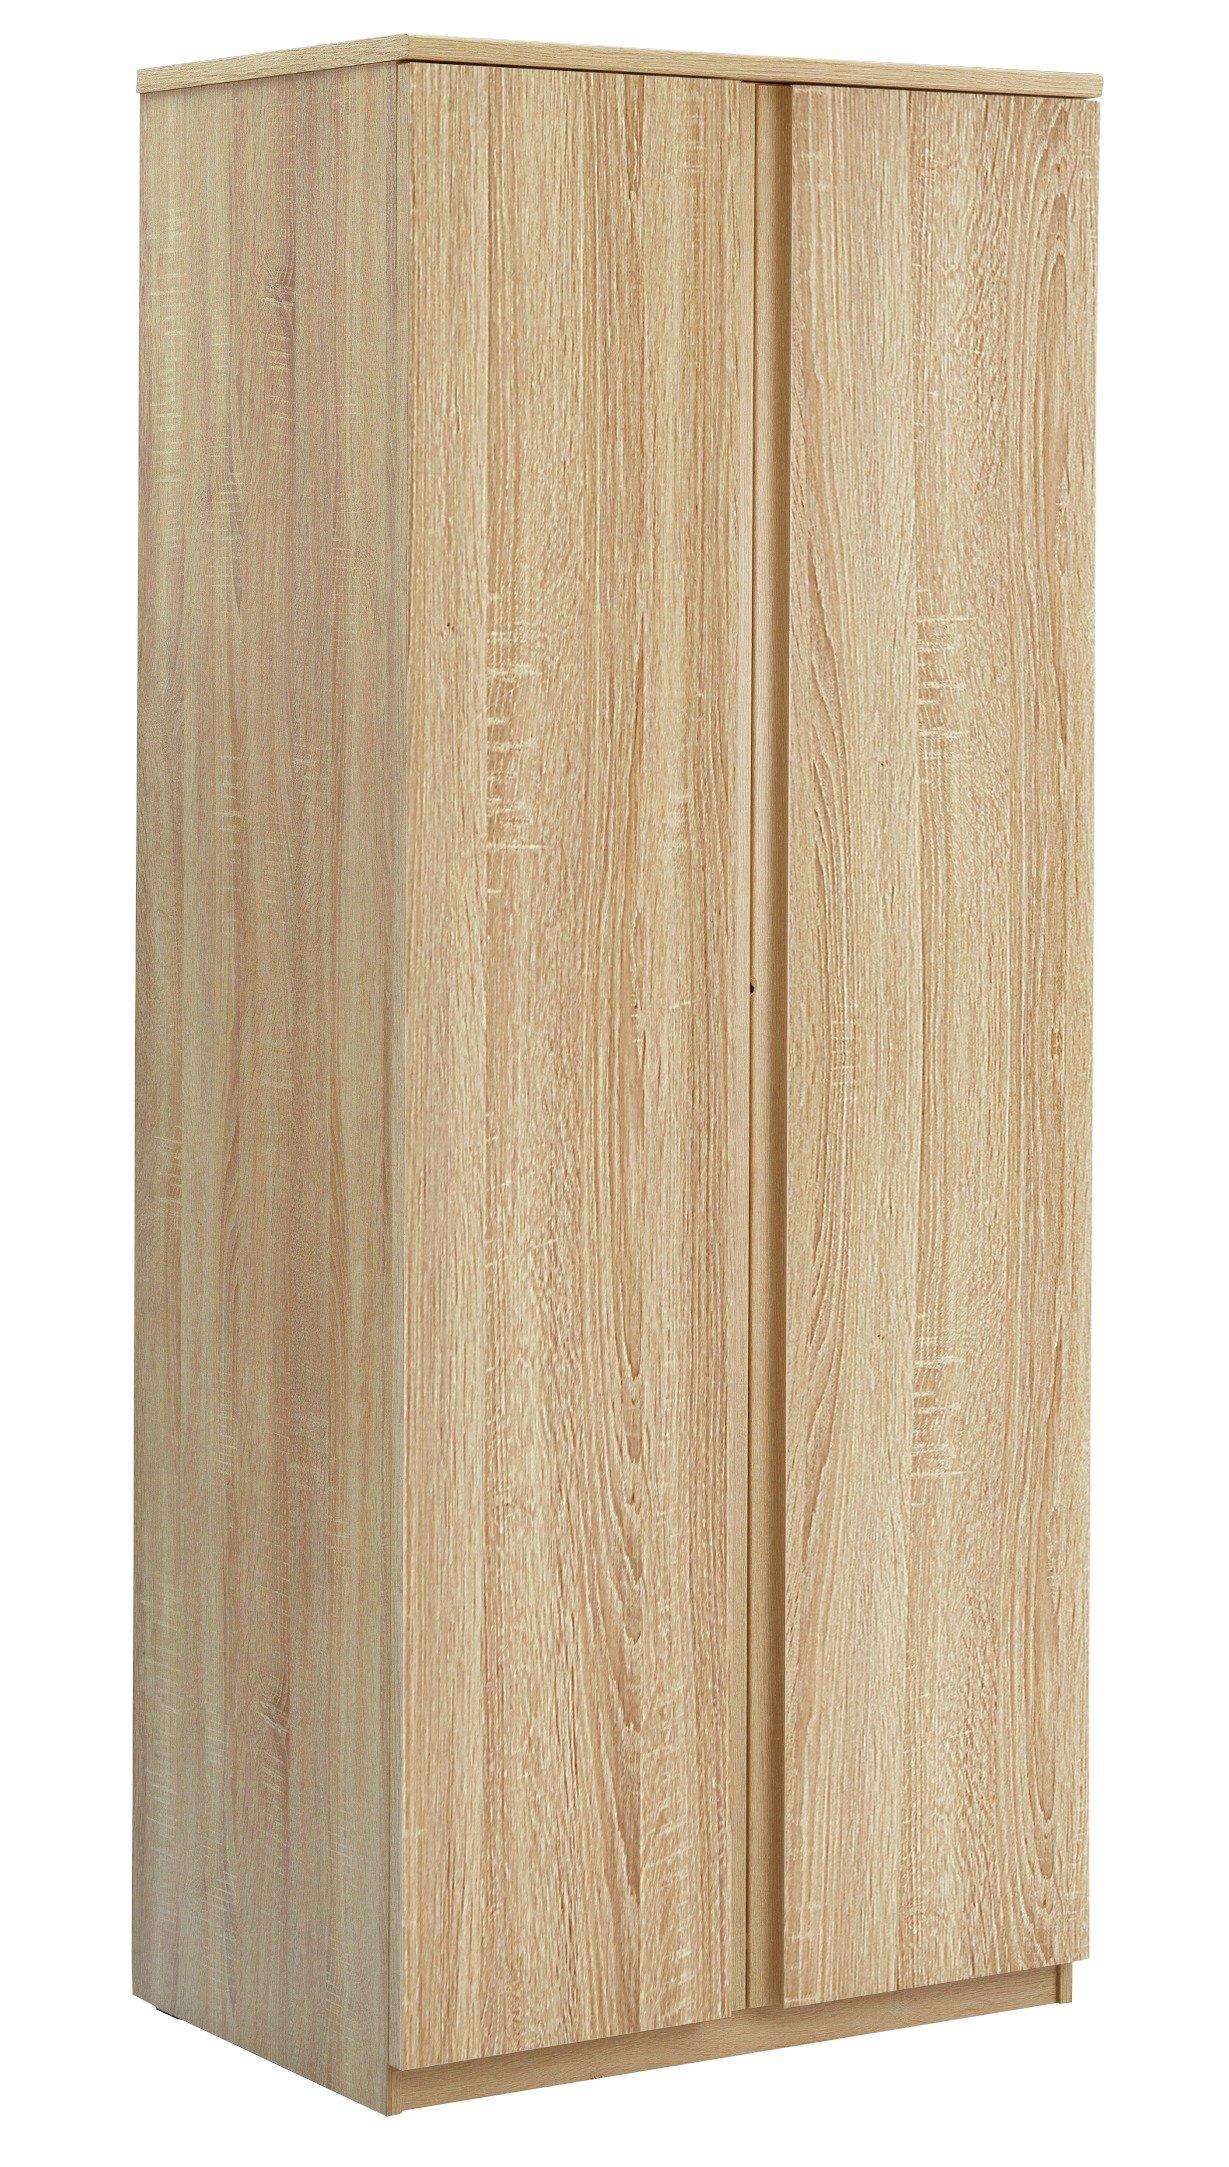 Image of Avenue 2 Door Wardrobe - Natural Oak Effect